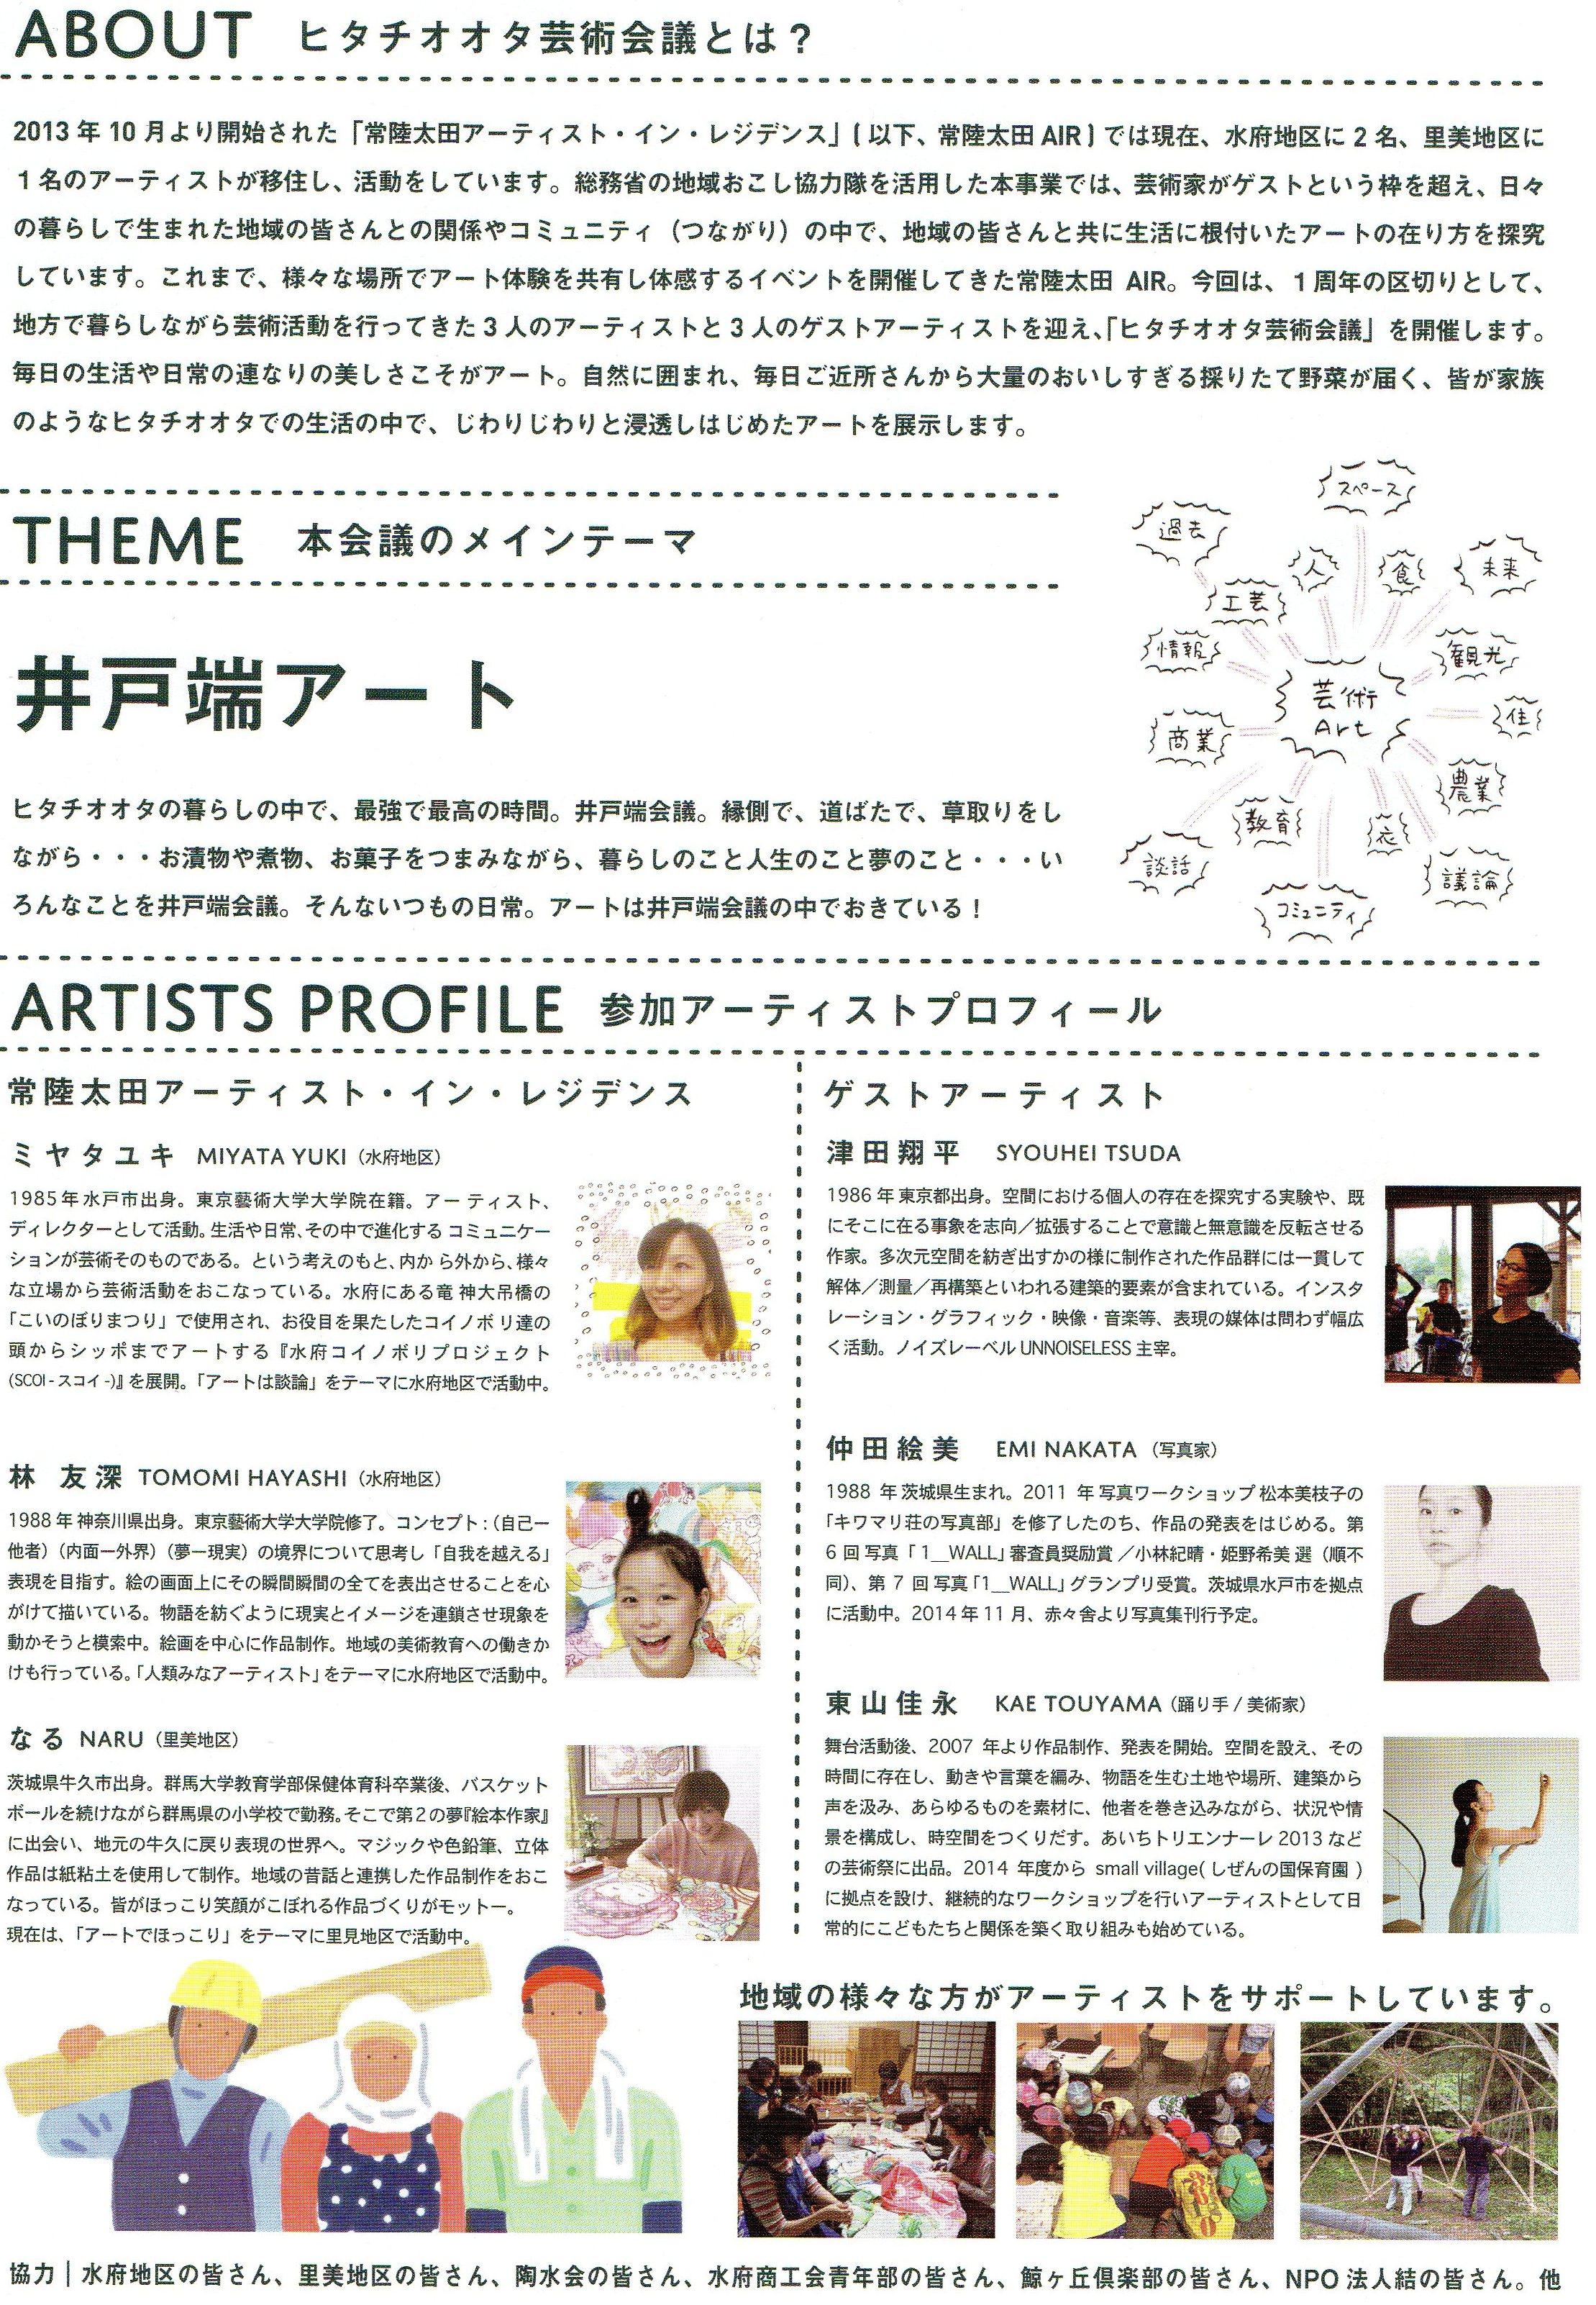 藤田けんじ Official Site井戸端アート…!